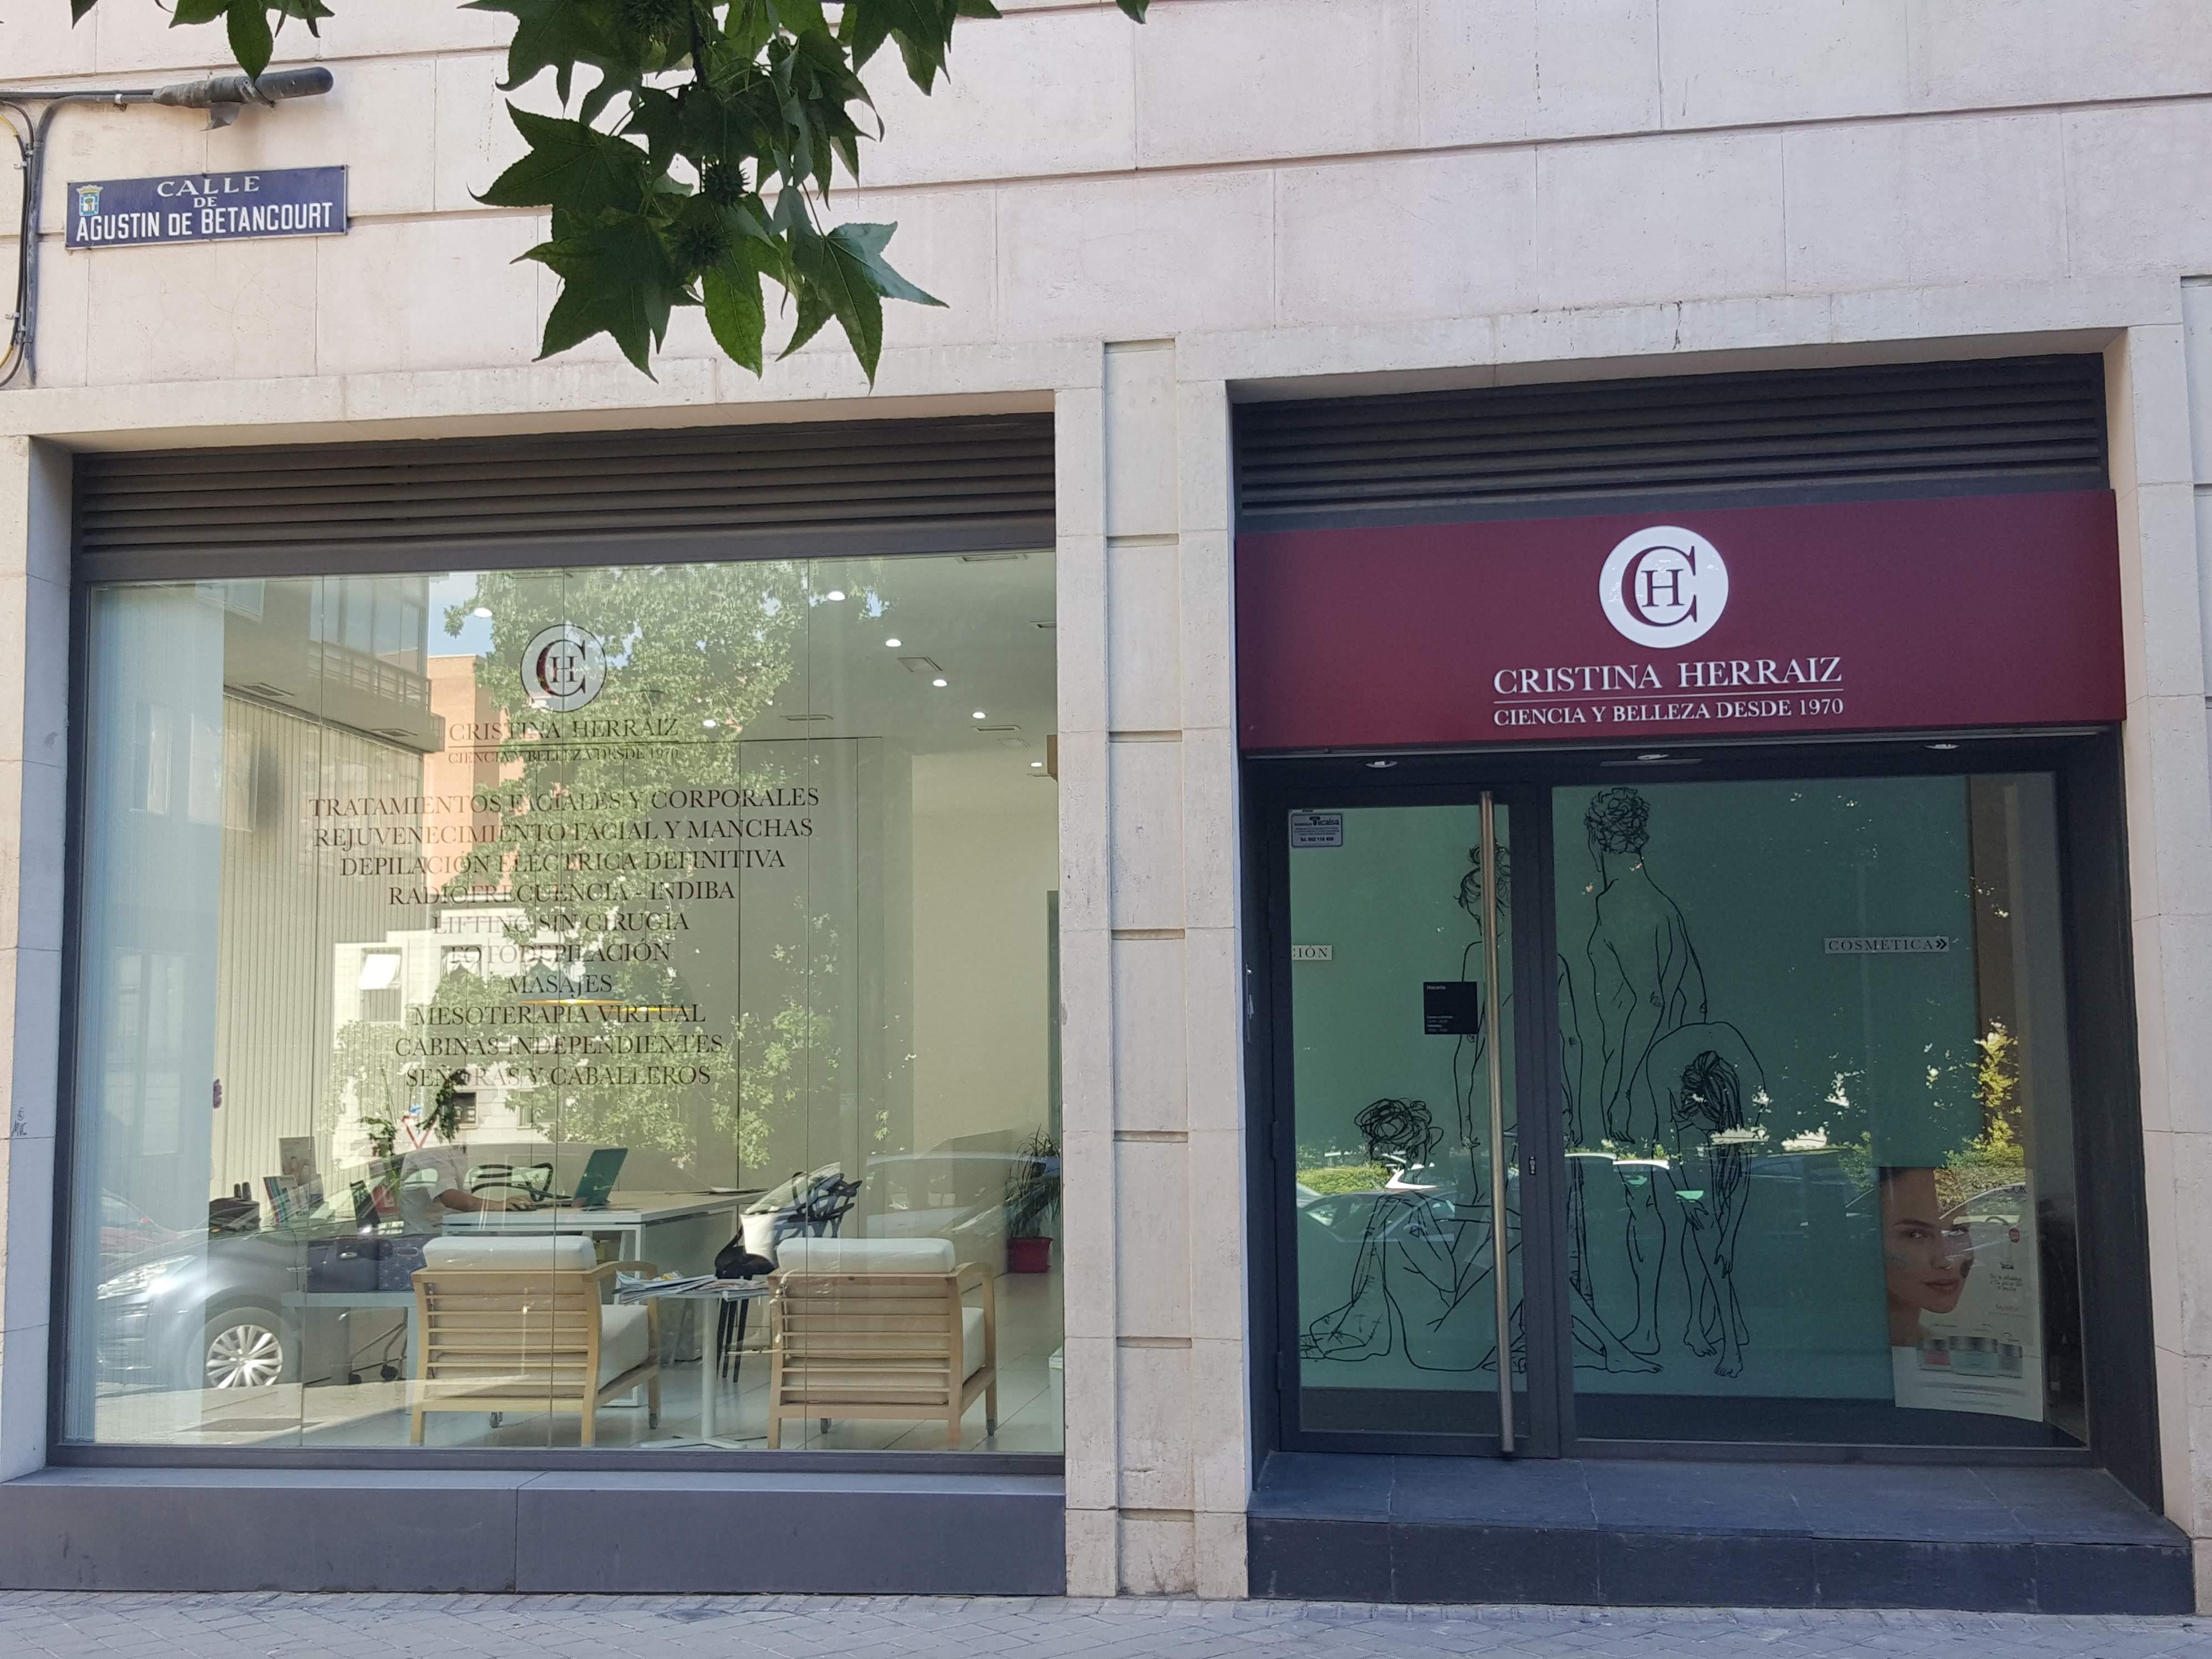 Centro de belleza y estética Cristina Herraiz